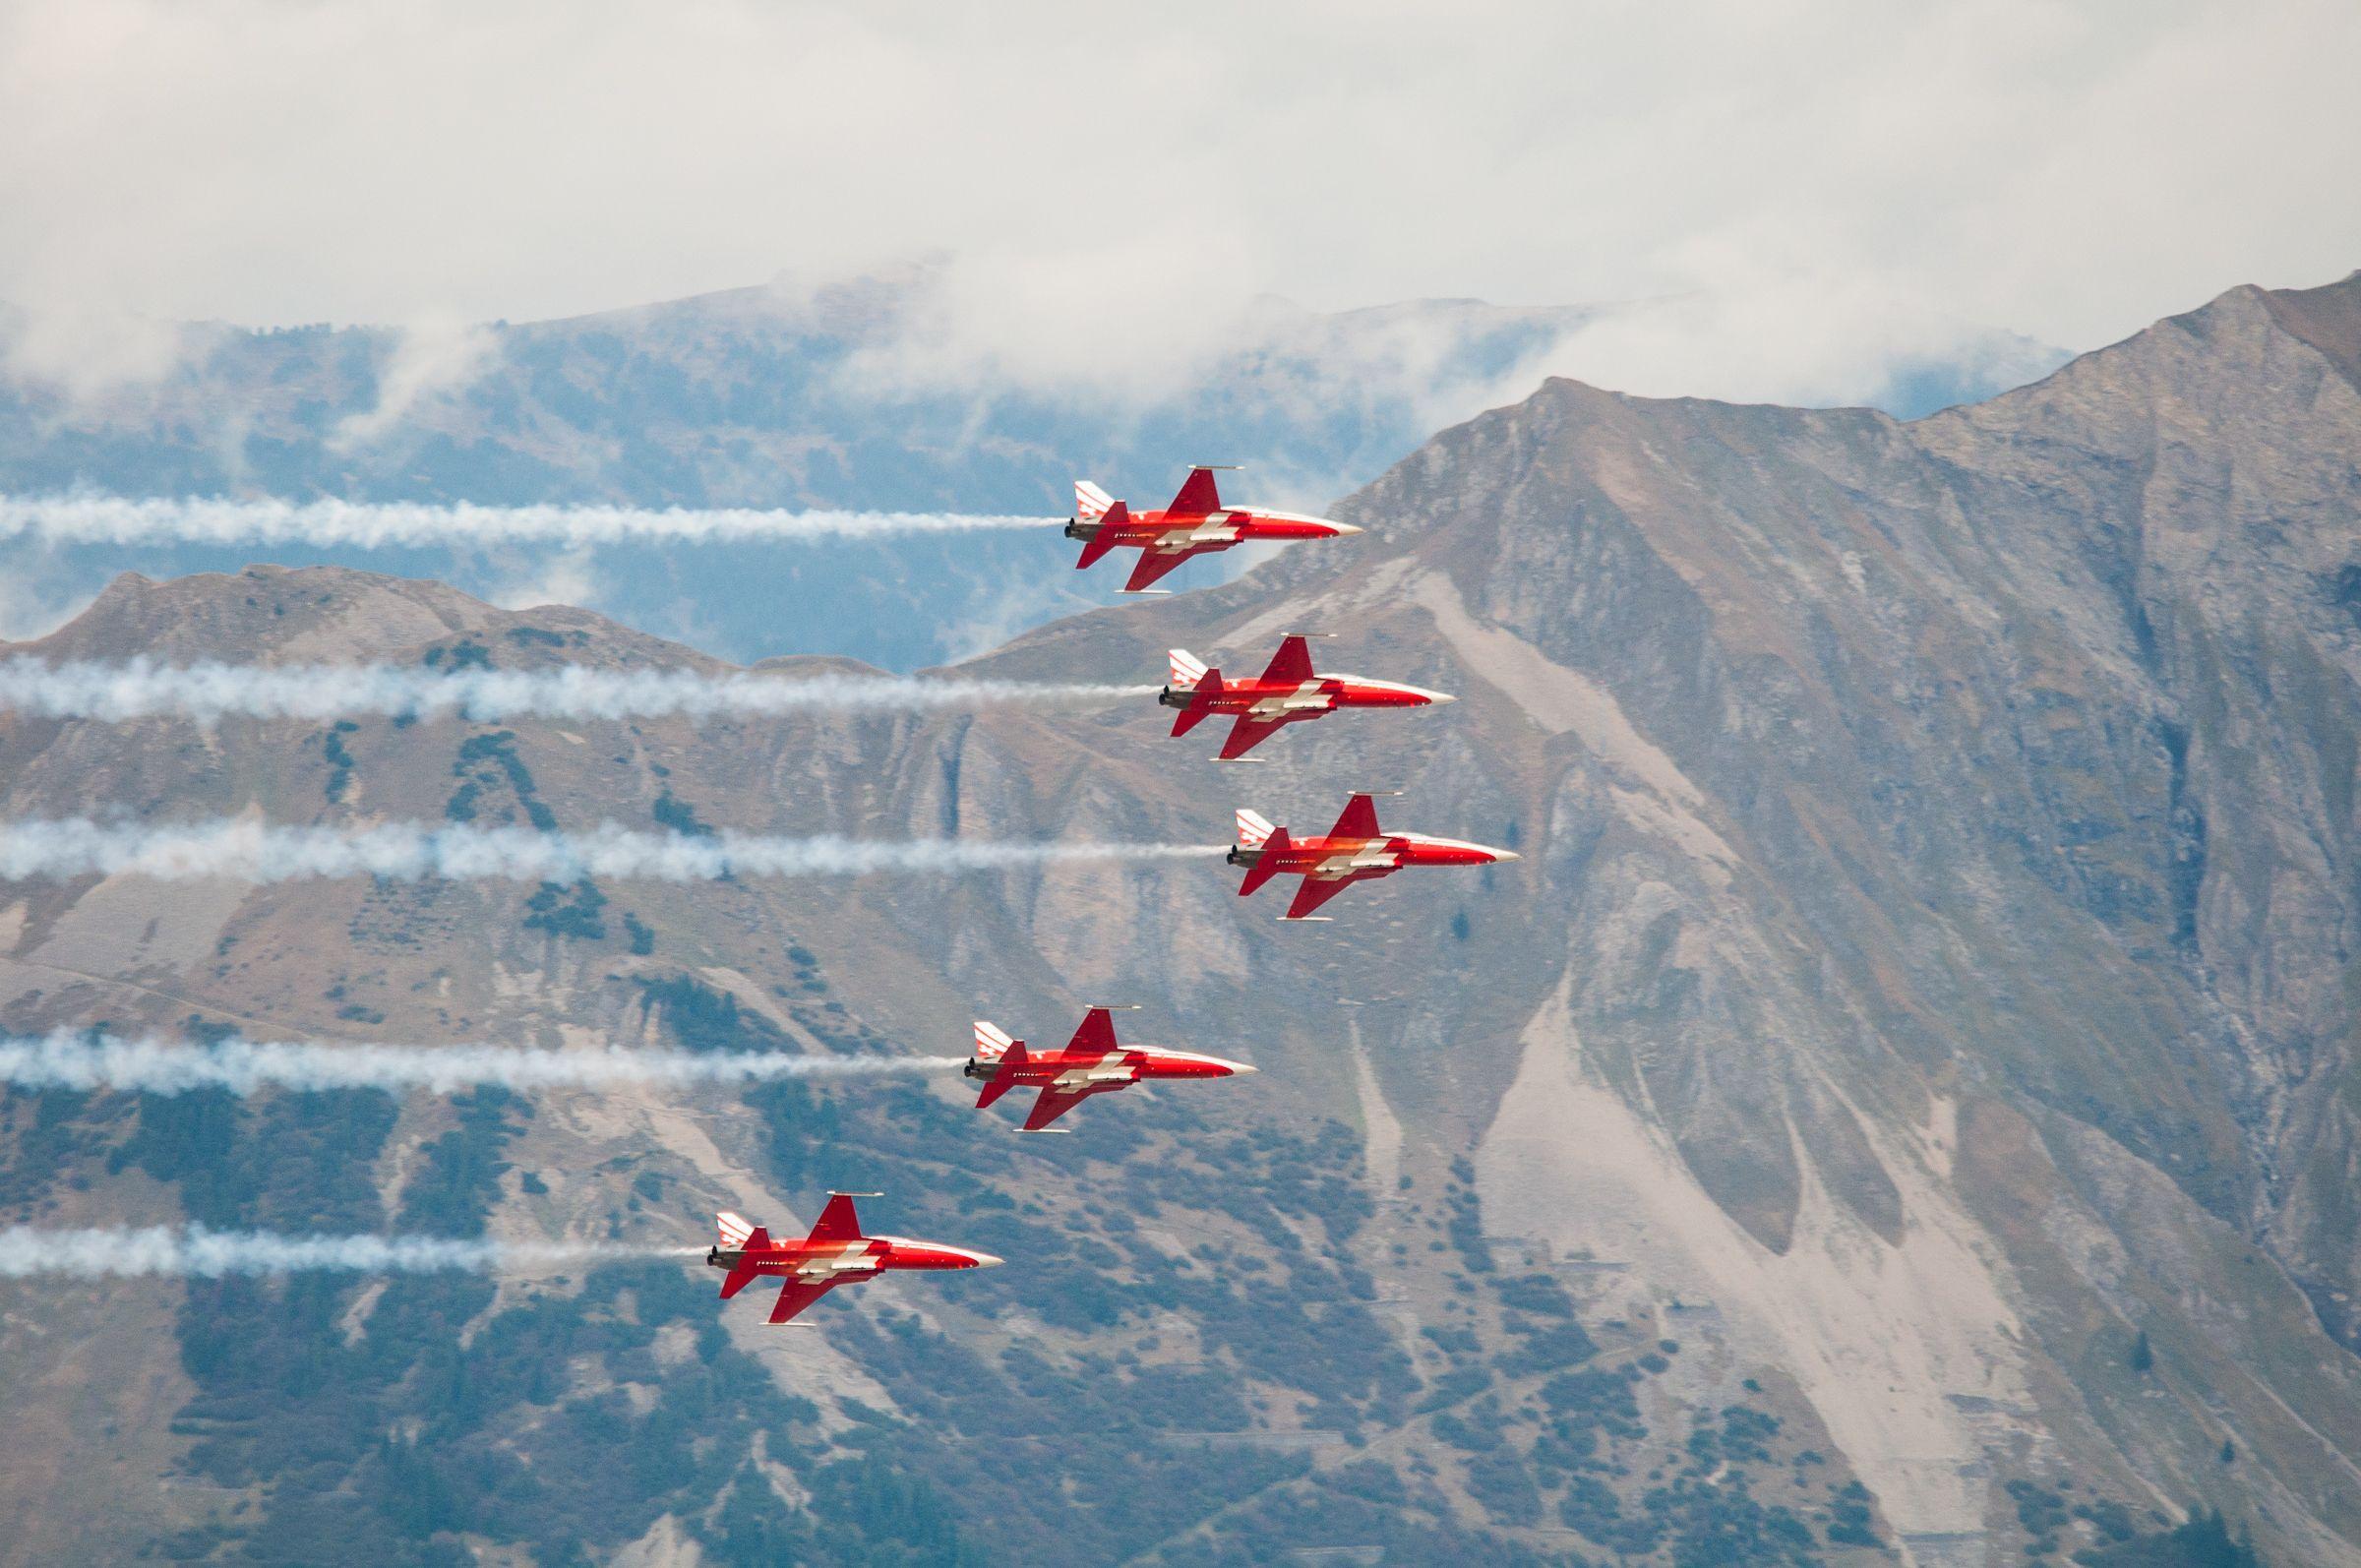 Air force live fire event Axalp 2012 - 10-11 Oct 2012 - Pagina 2 000131nr